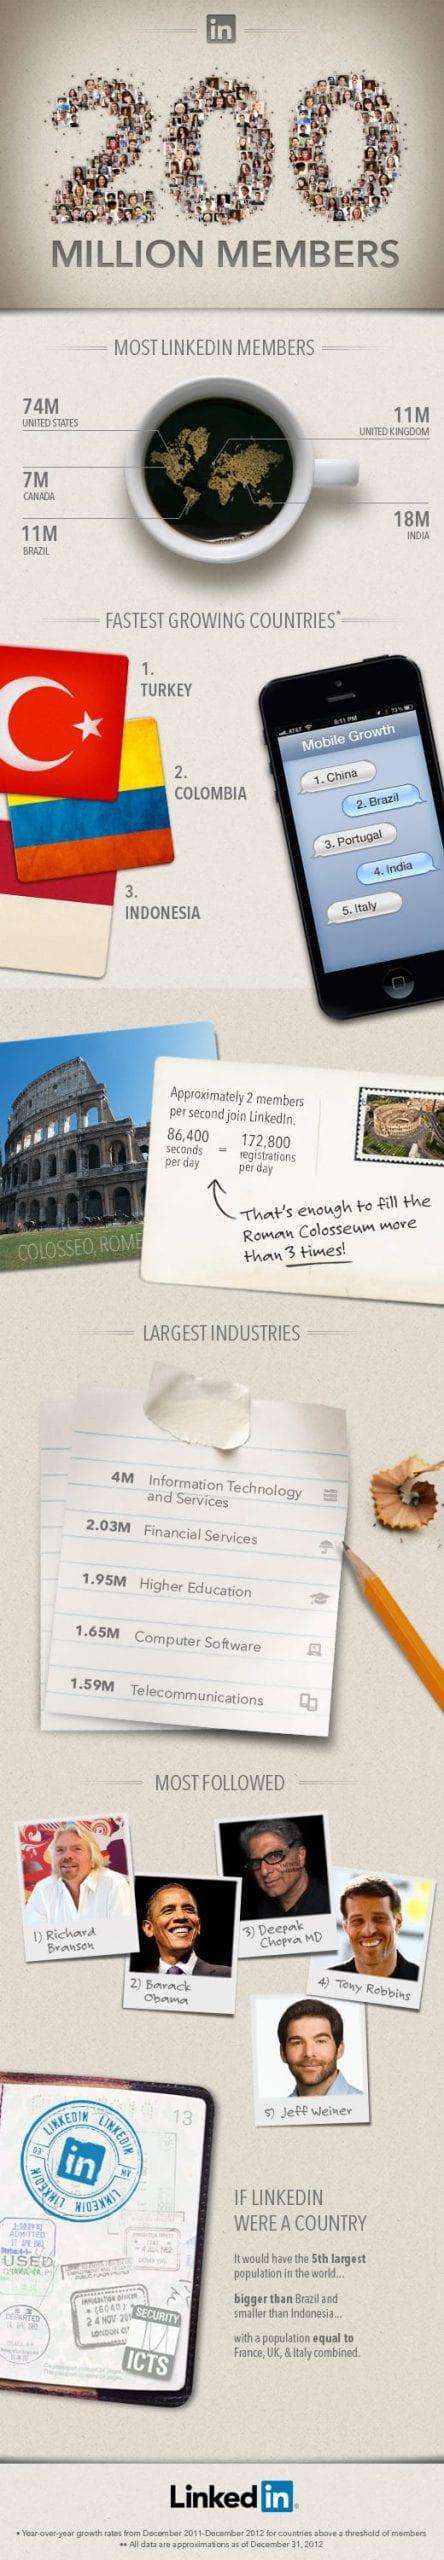 LinkedIn 200M Member Infographic